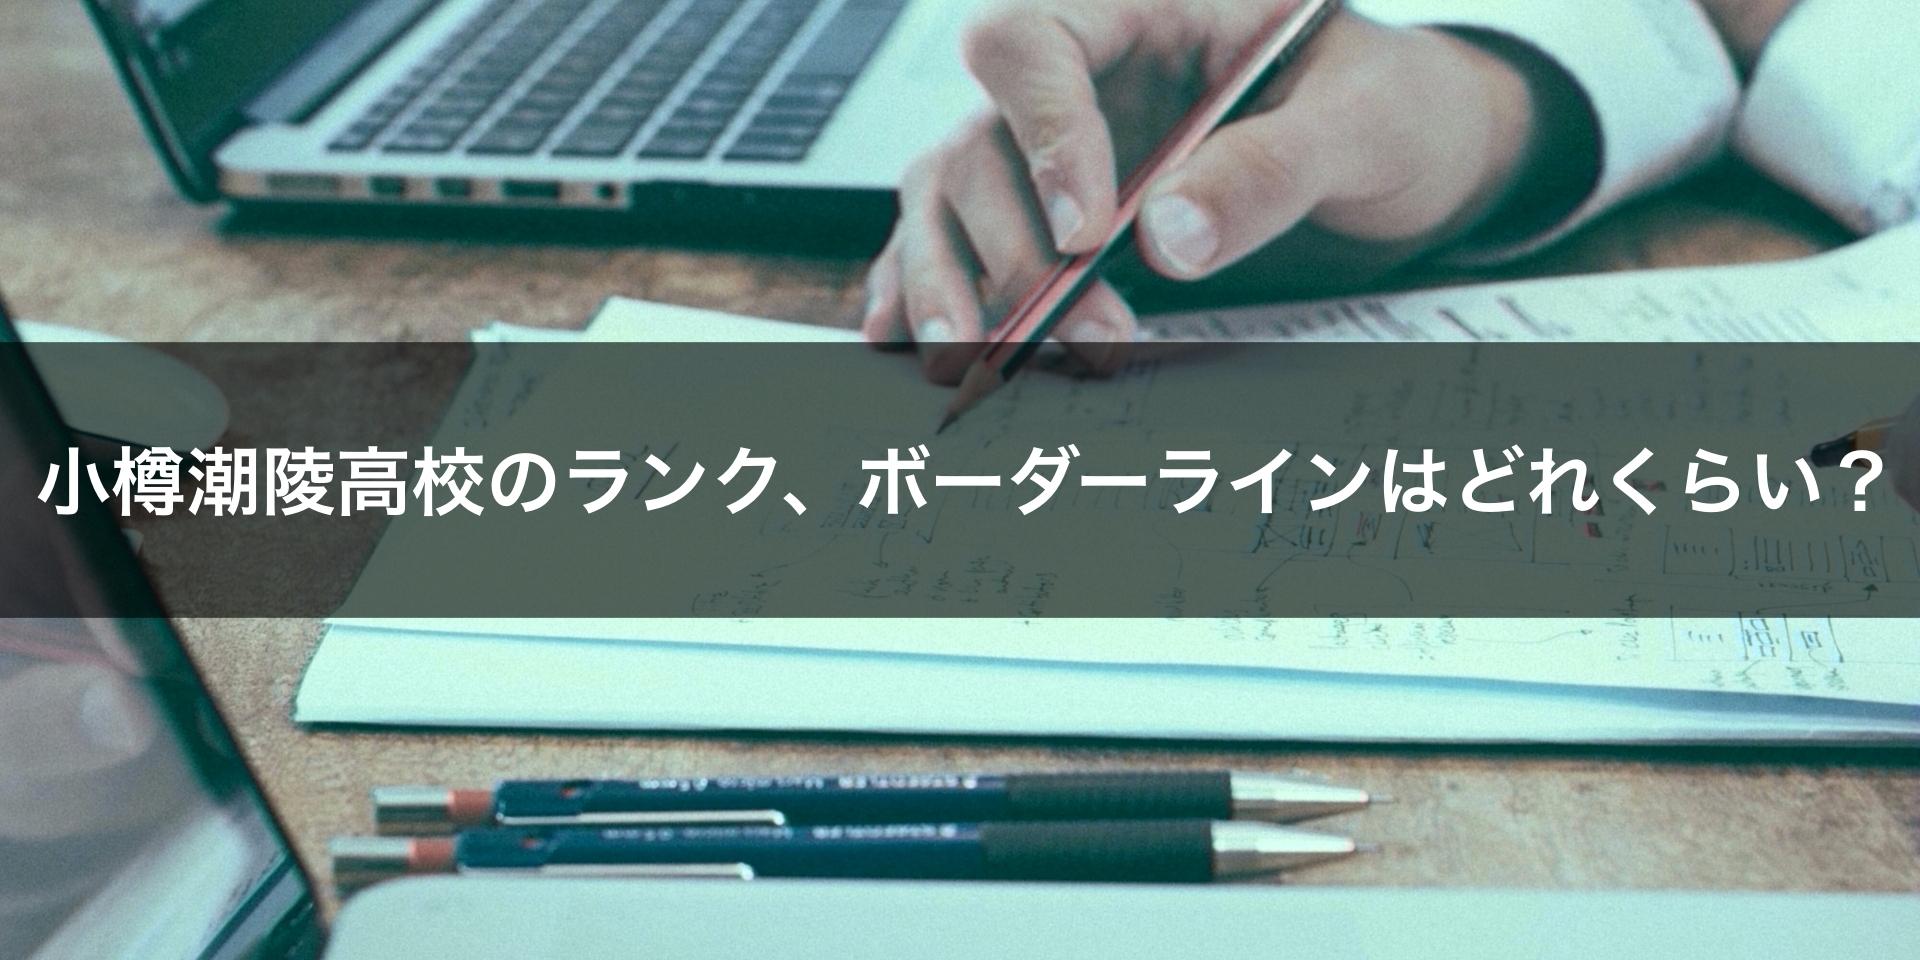 小樽潮陵高校のランク、ボーダーラインはどれくらい?